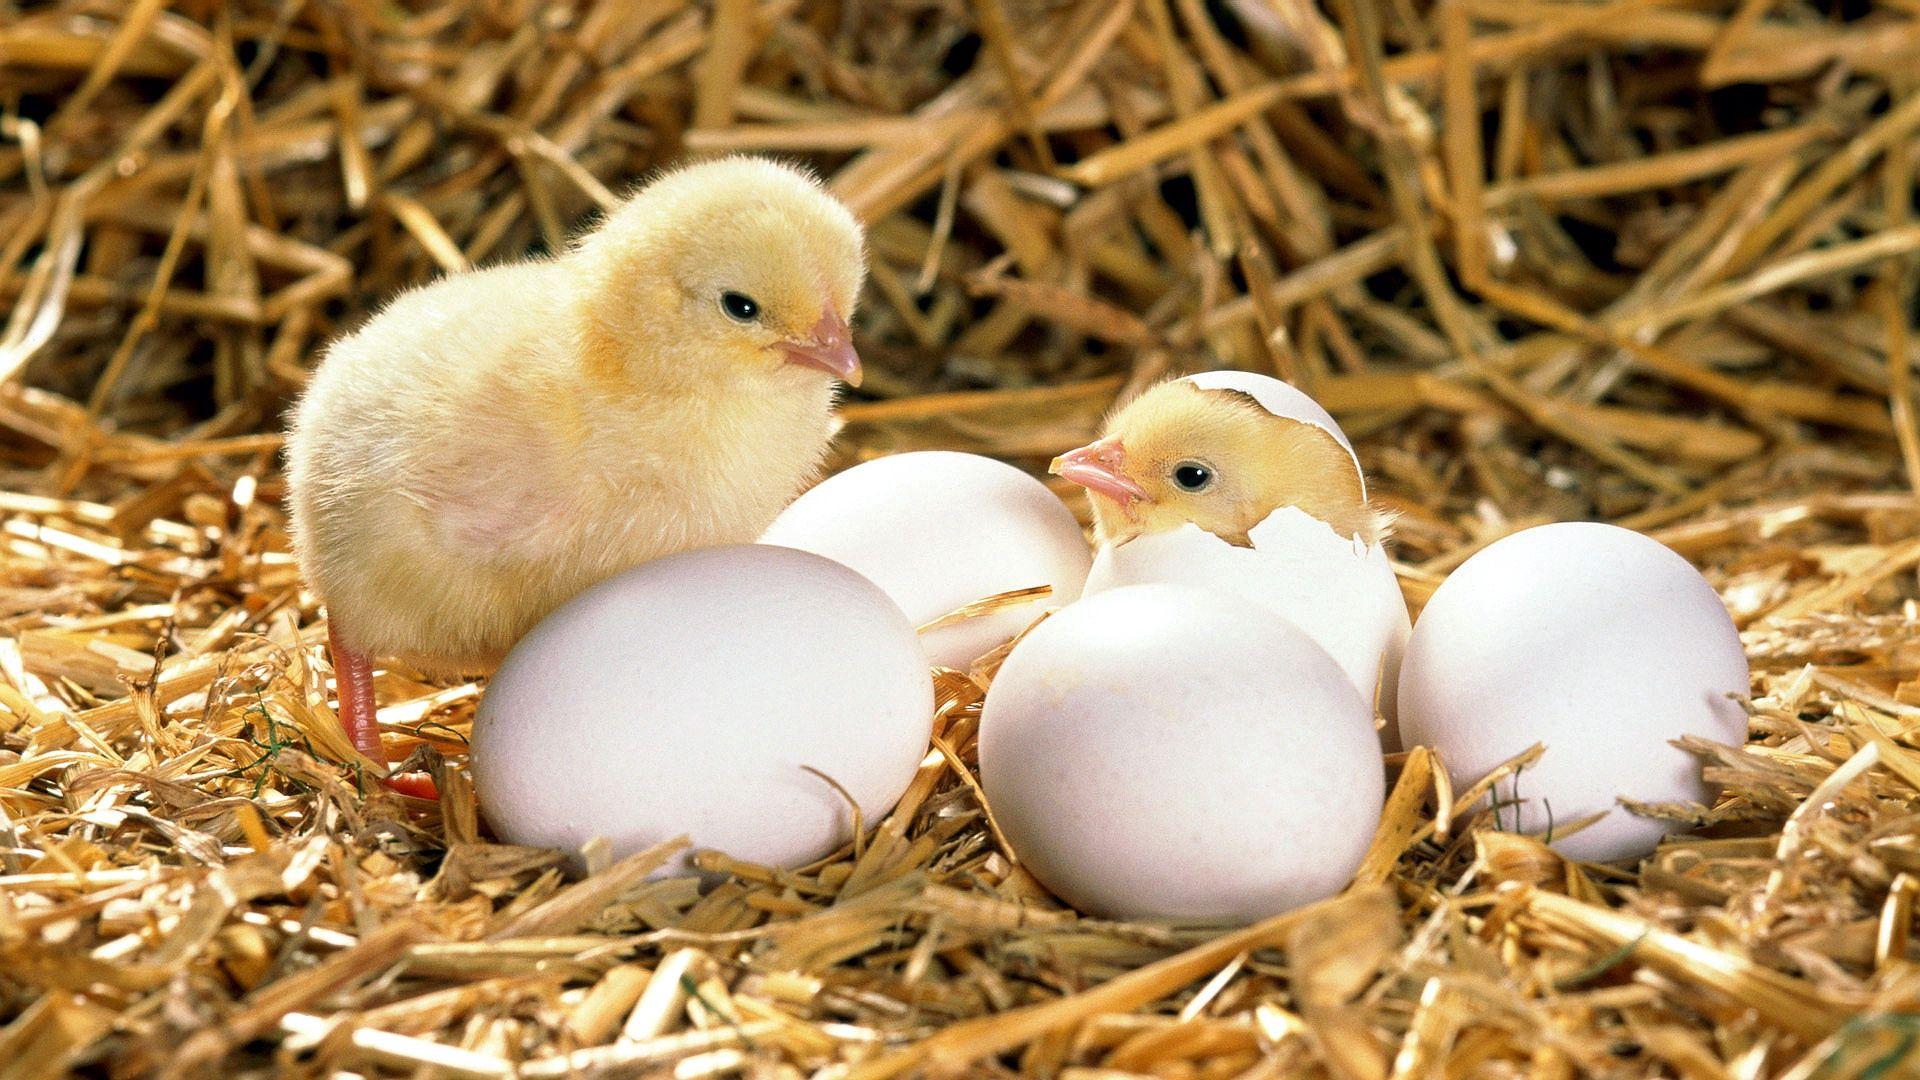 57241 Заставки и Обои Яйца на телефон. Скачать Животные, Яйца, Скорлупа, Цыпленок, Сено, Вылупляться картинки бесплатно